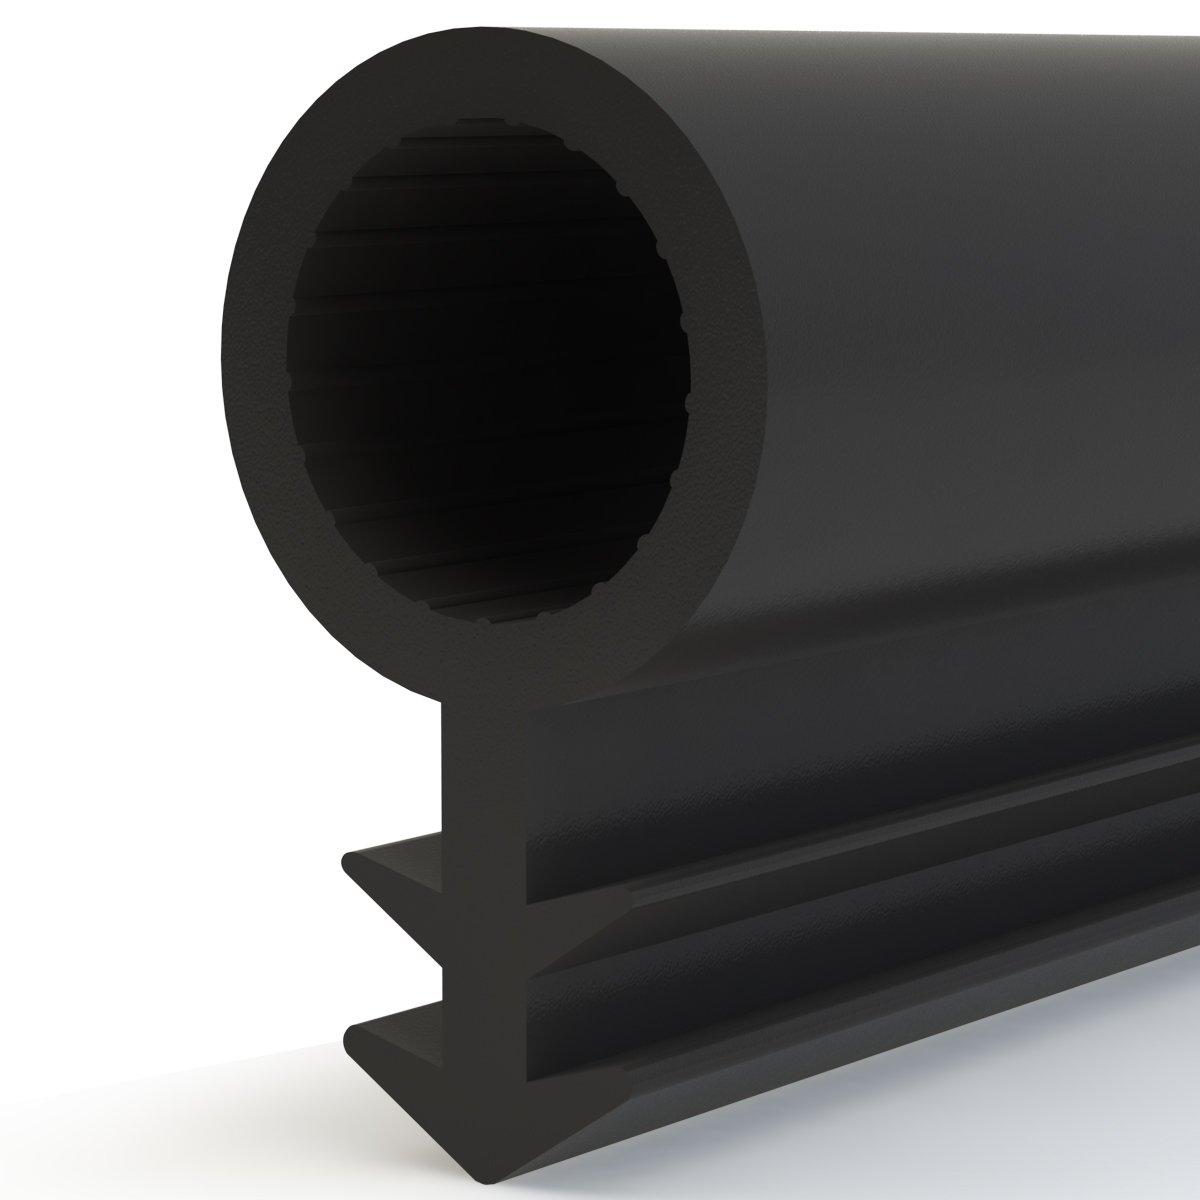 t rdichtung schlauchdichtung t rgummi 6mm std02 schwarz. Black Bedroom Furniture Sets. Home Design Ideas